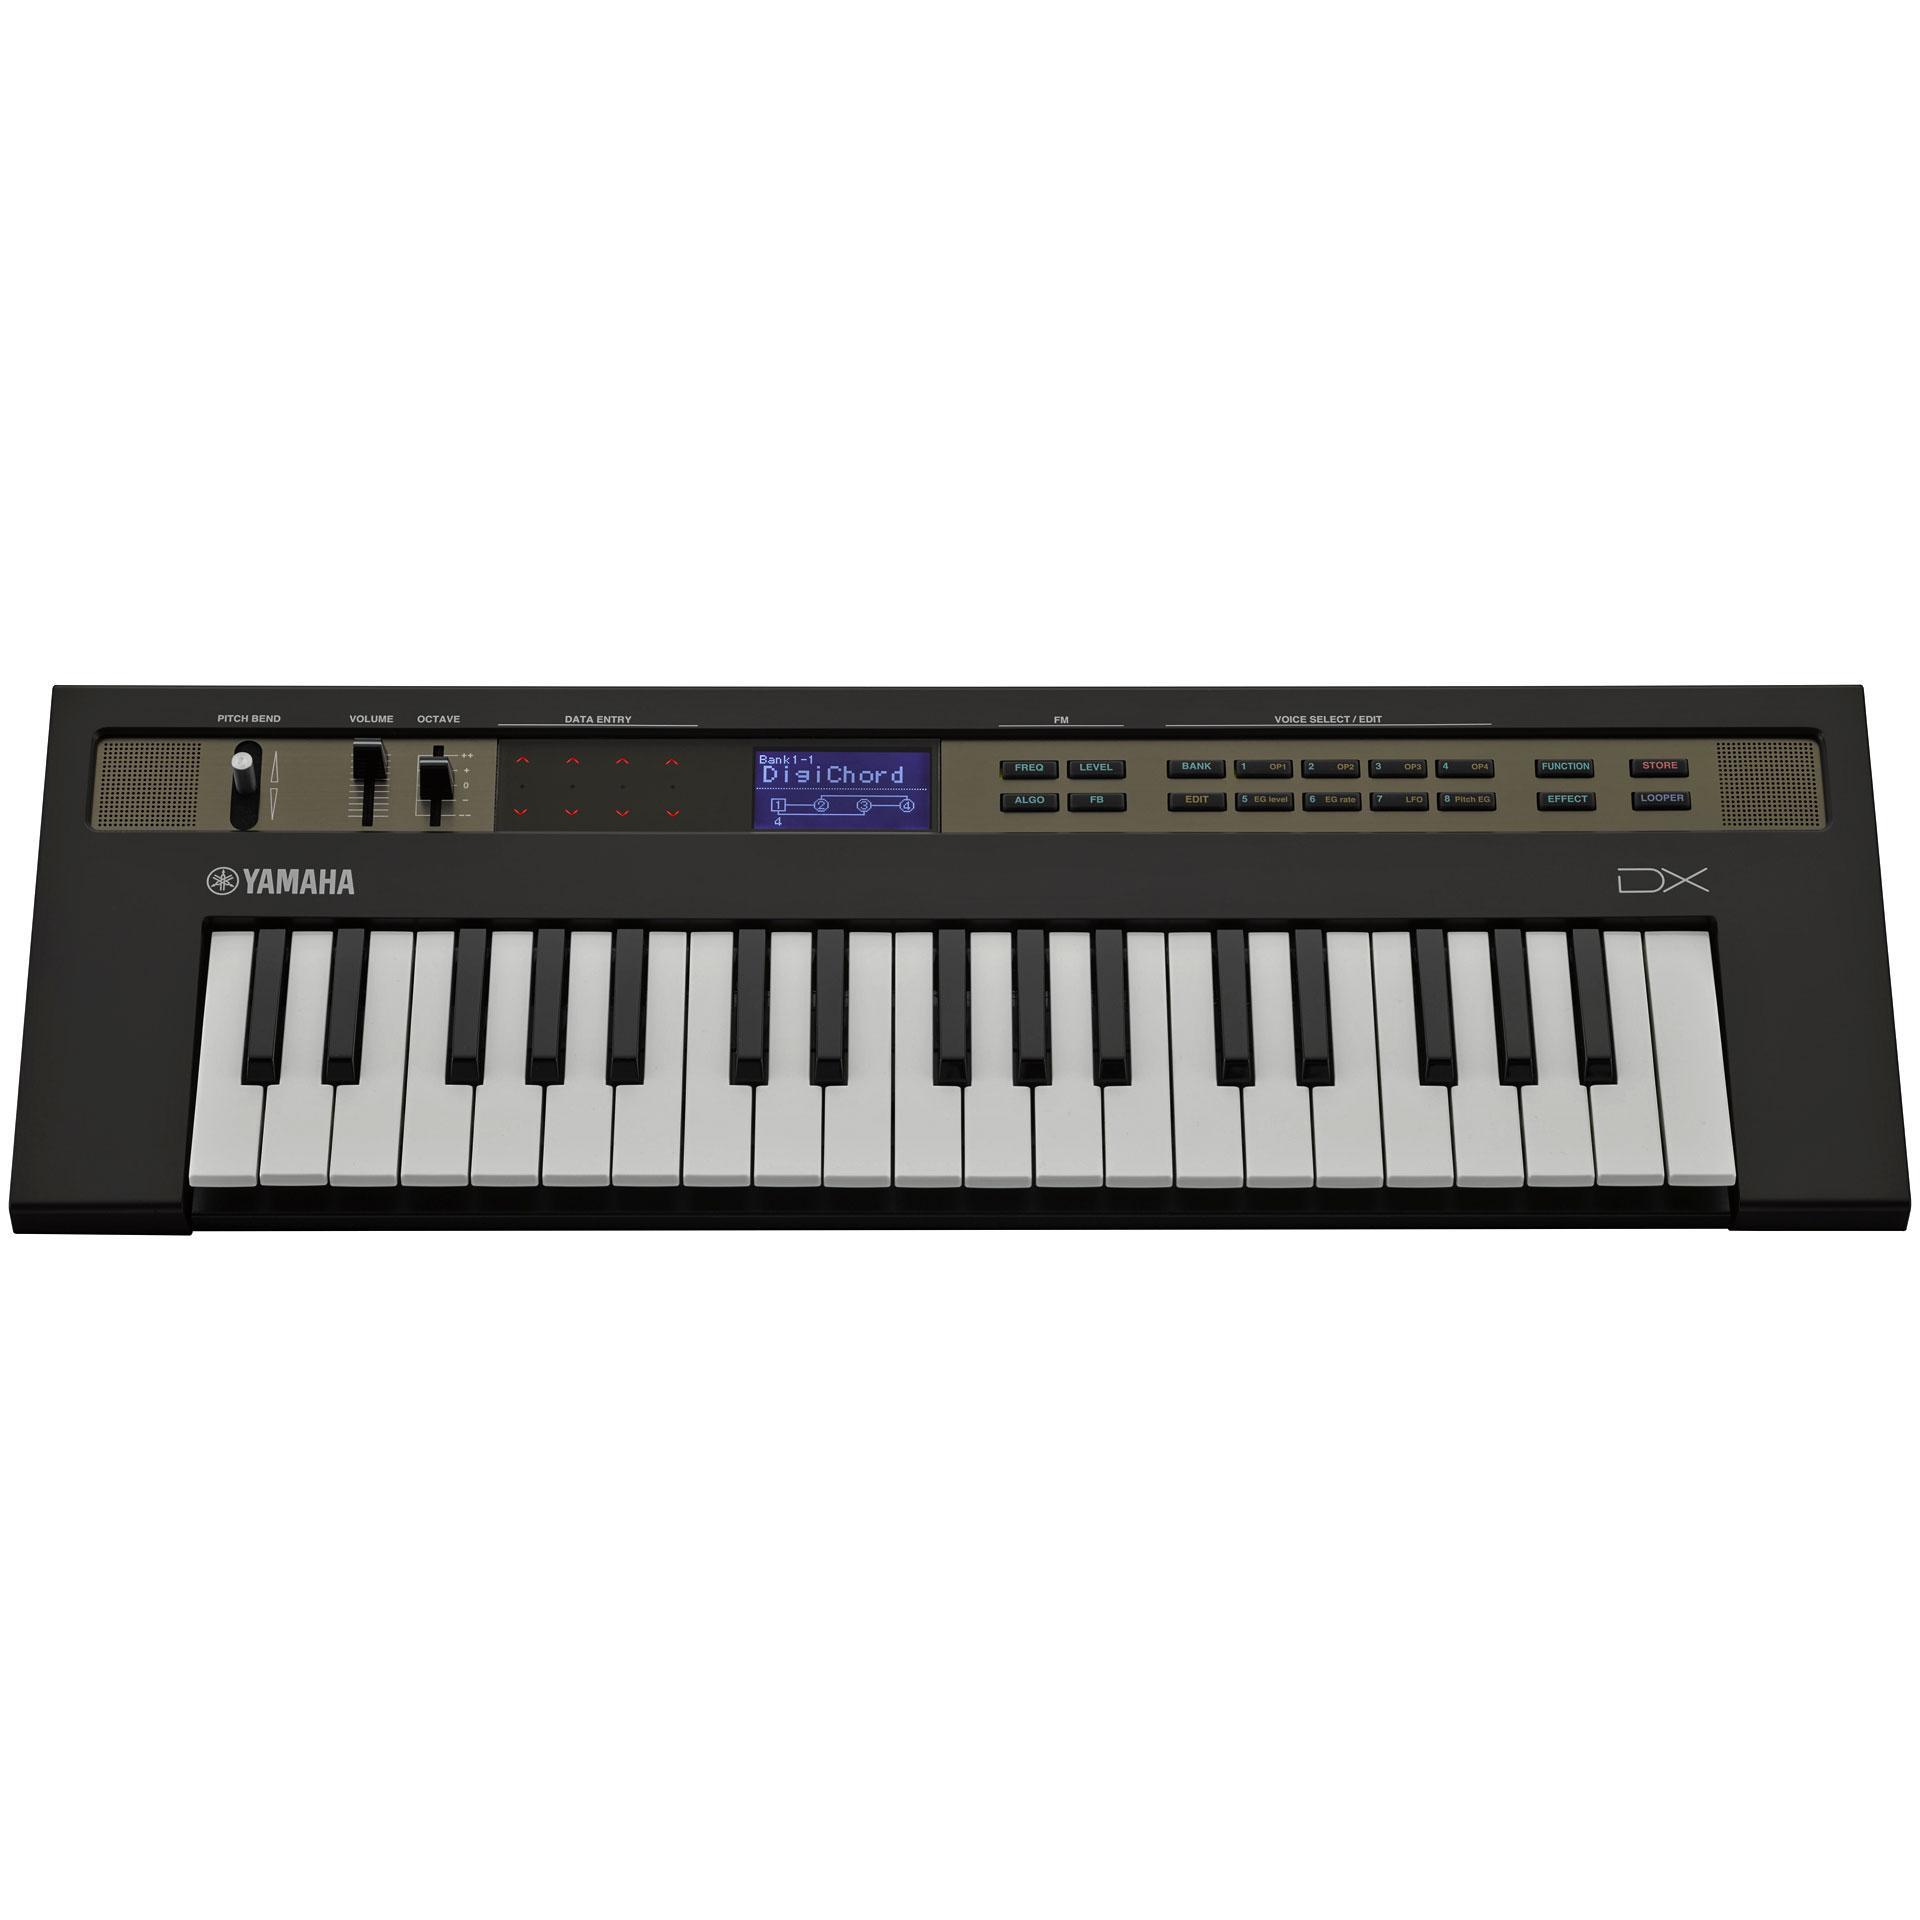 Dxyamaha Piano